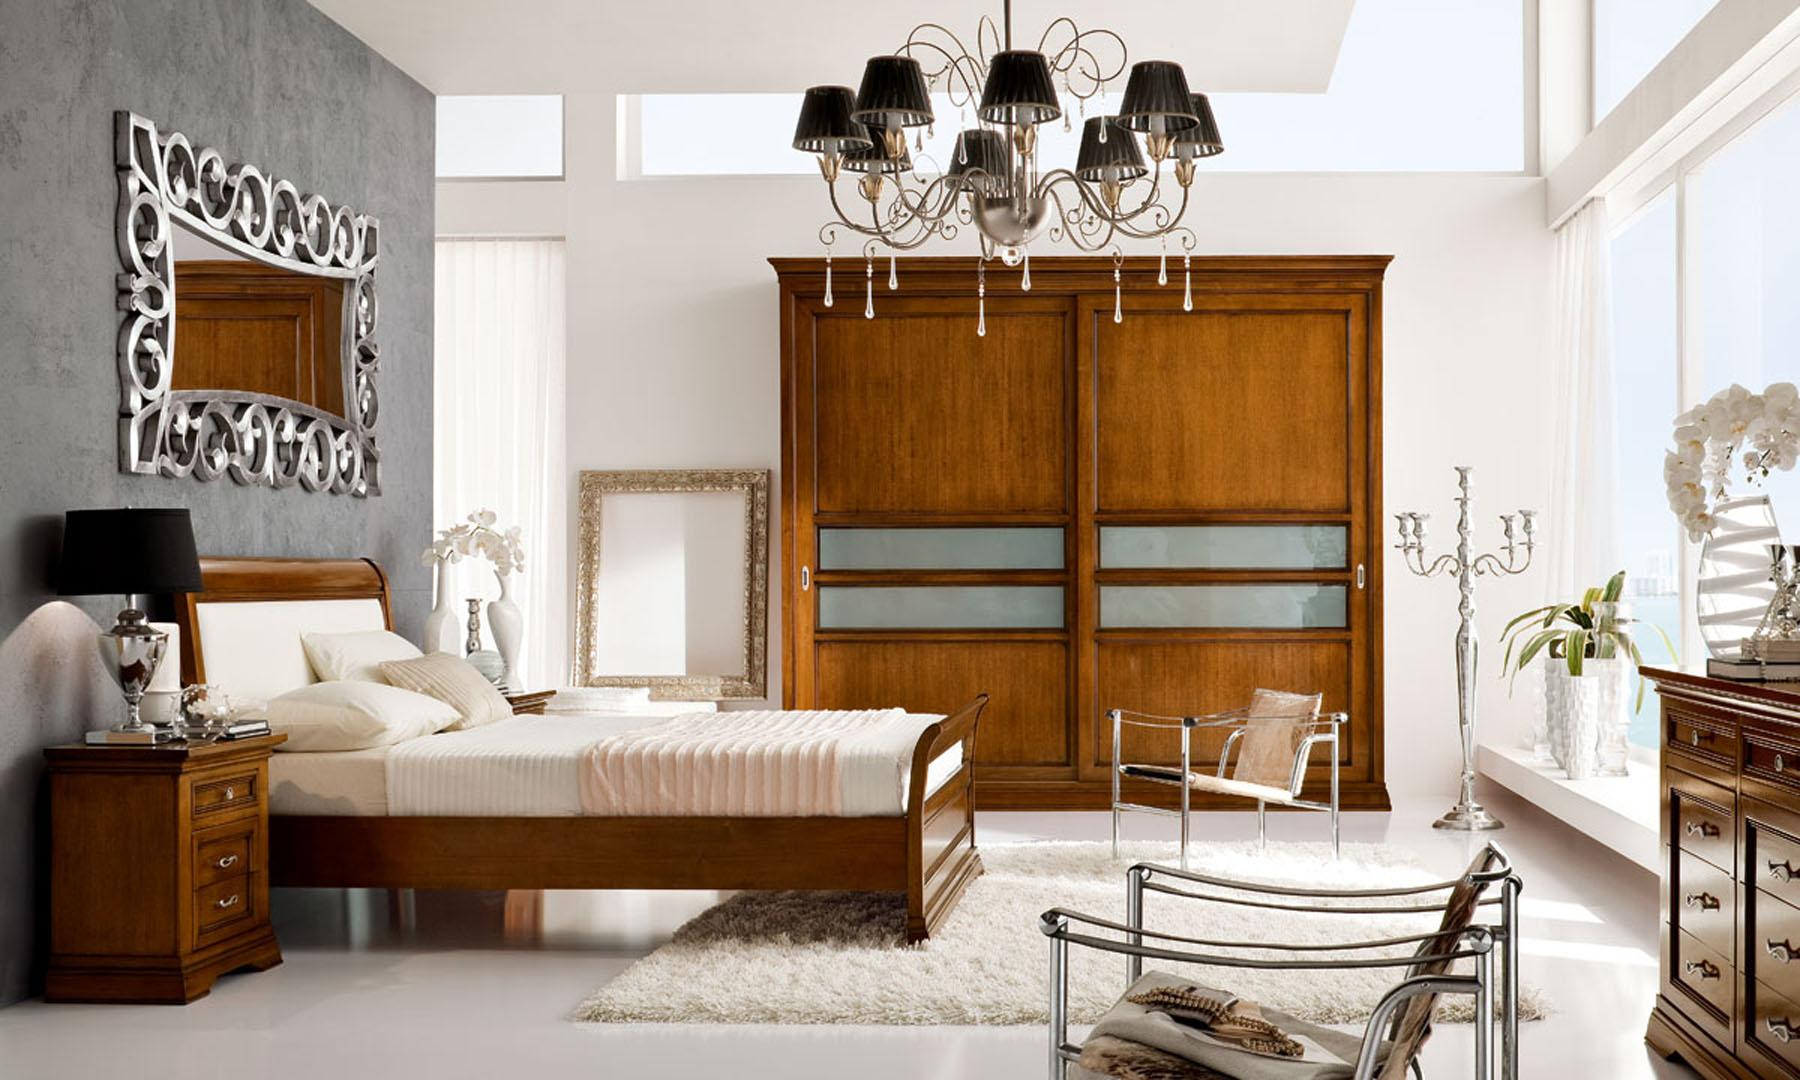 Camere classiche sirigu mobili for Camere da letto economiche prezzi